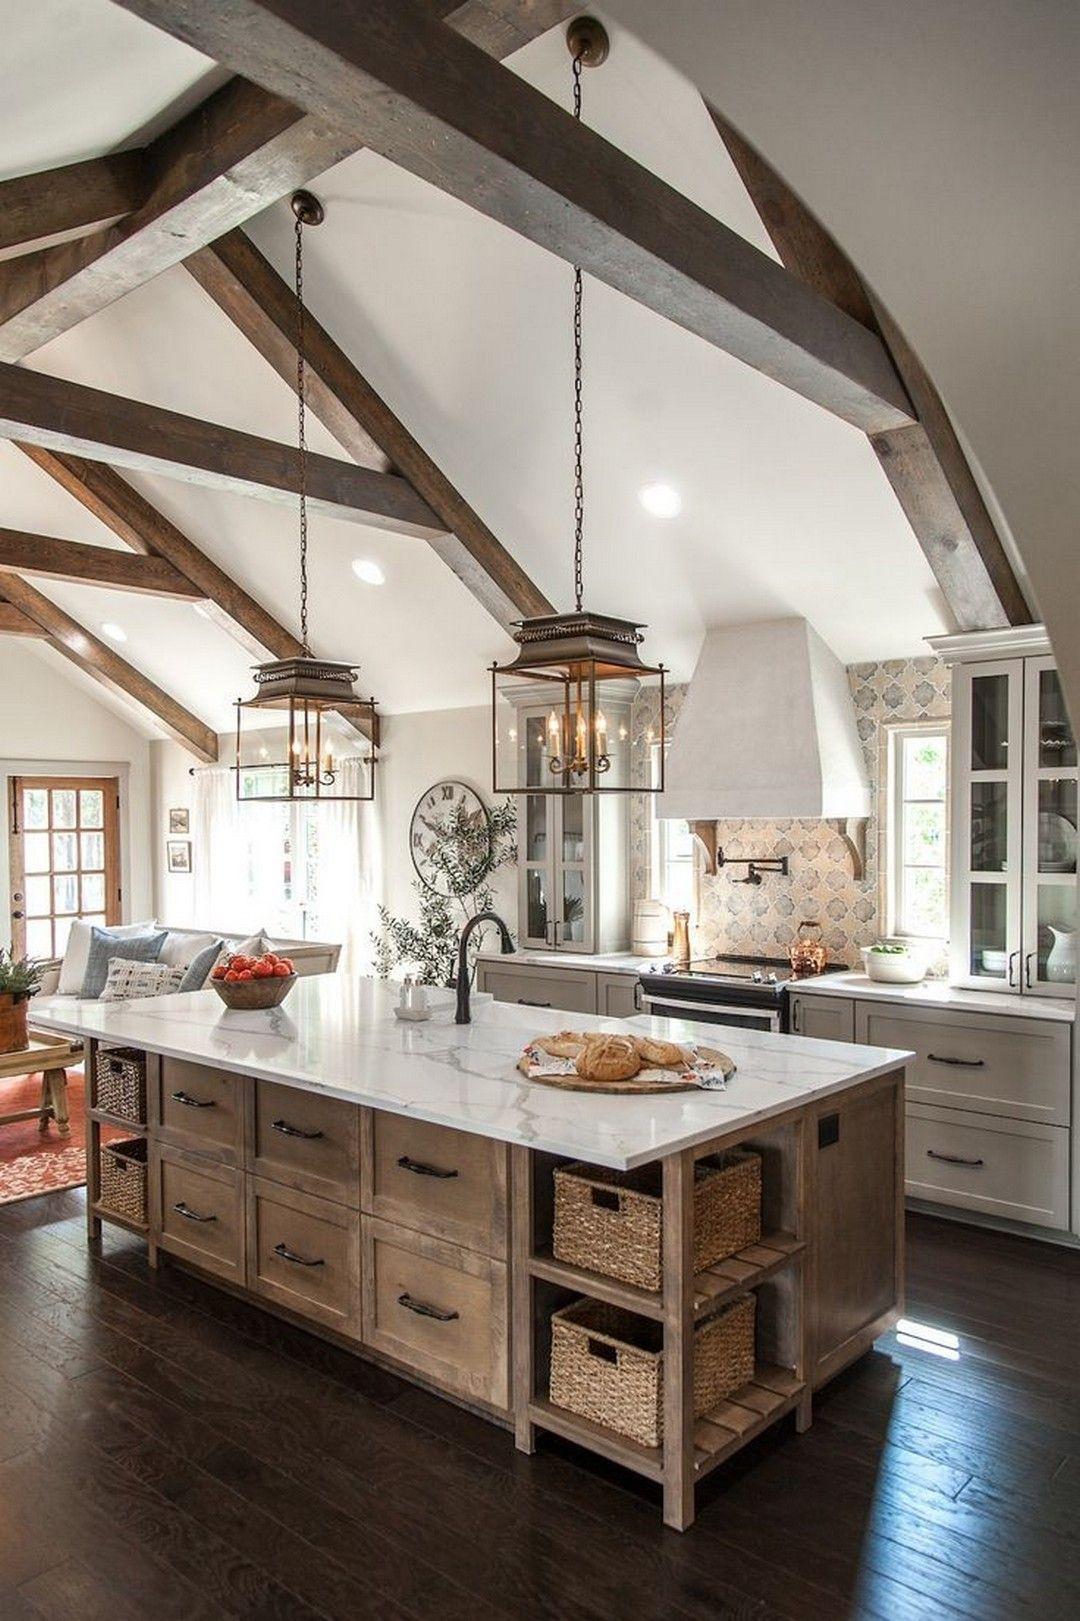 Belle maison salon maison idées pour la maison mobilier de salon comptoir